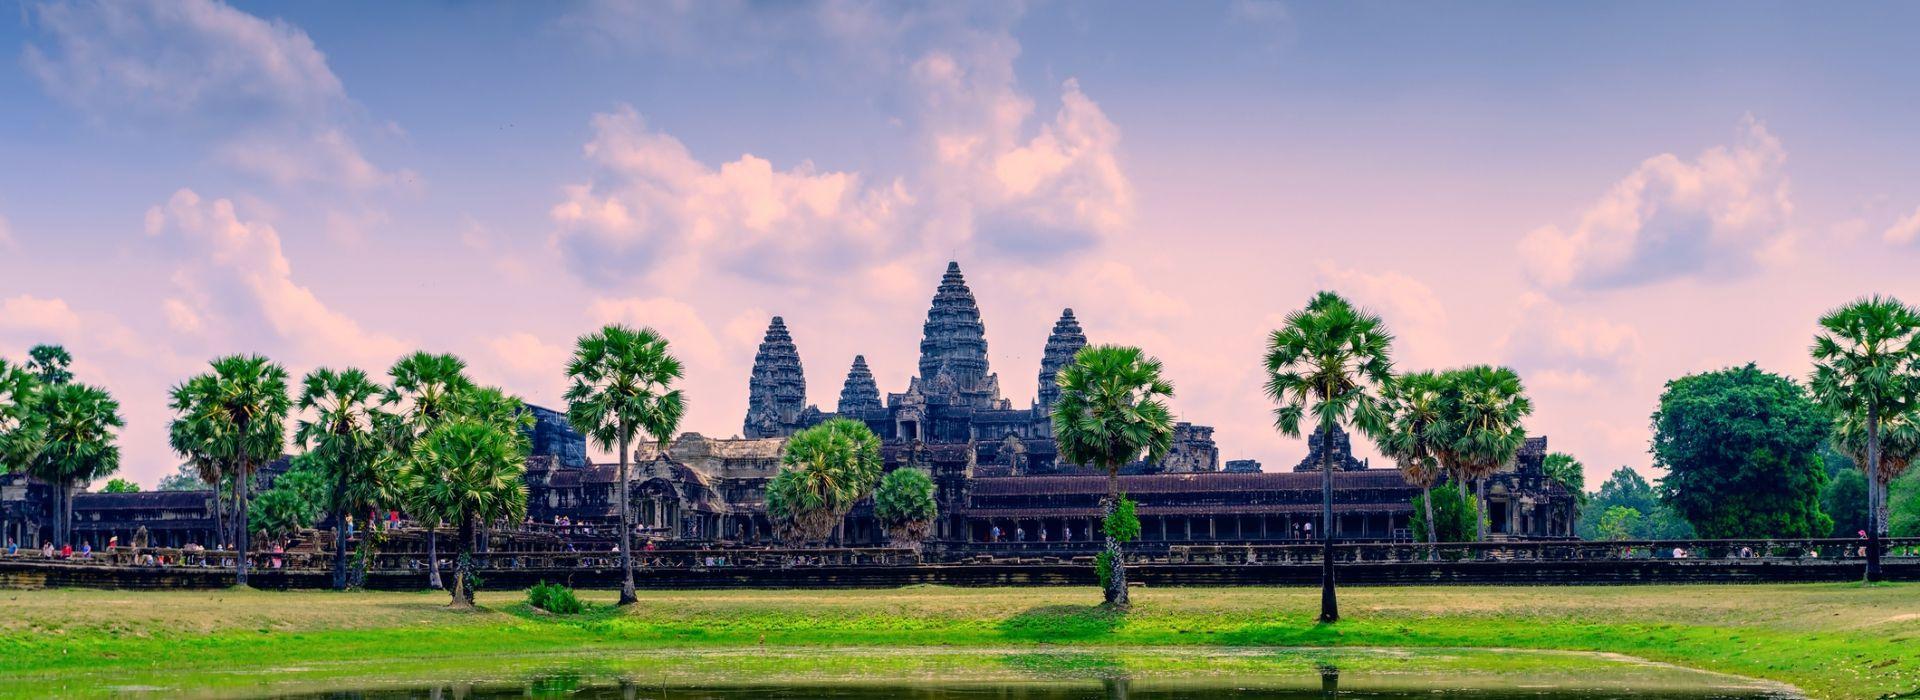 Adventure Tours in Sihanoukville